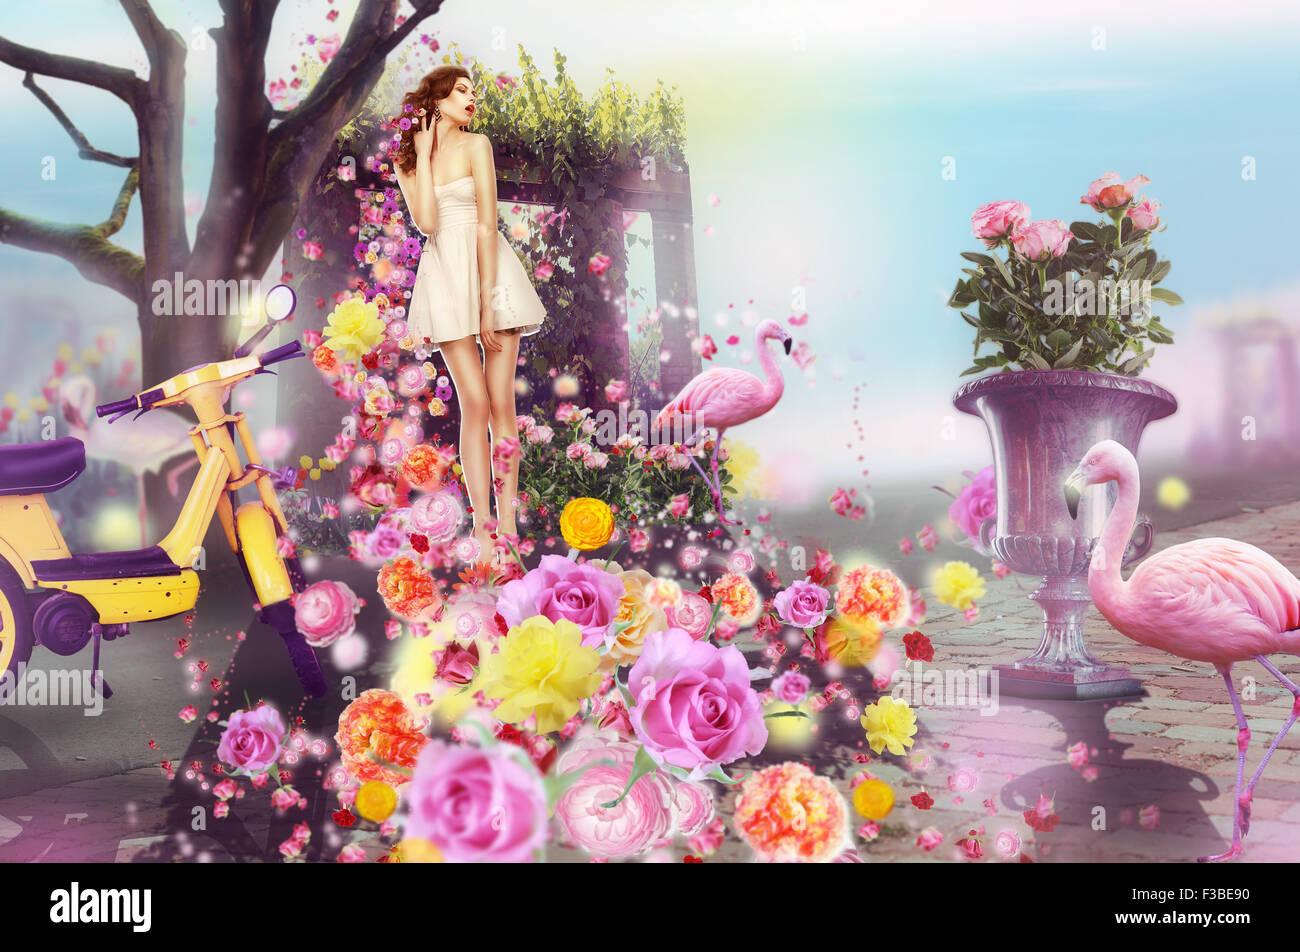 Kreatives Konzept. Bildende Kunst. Frau und Blumen Stockbild